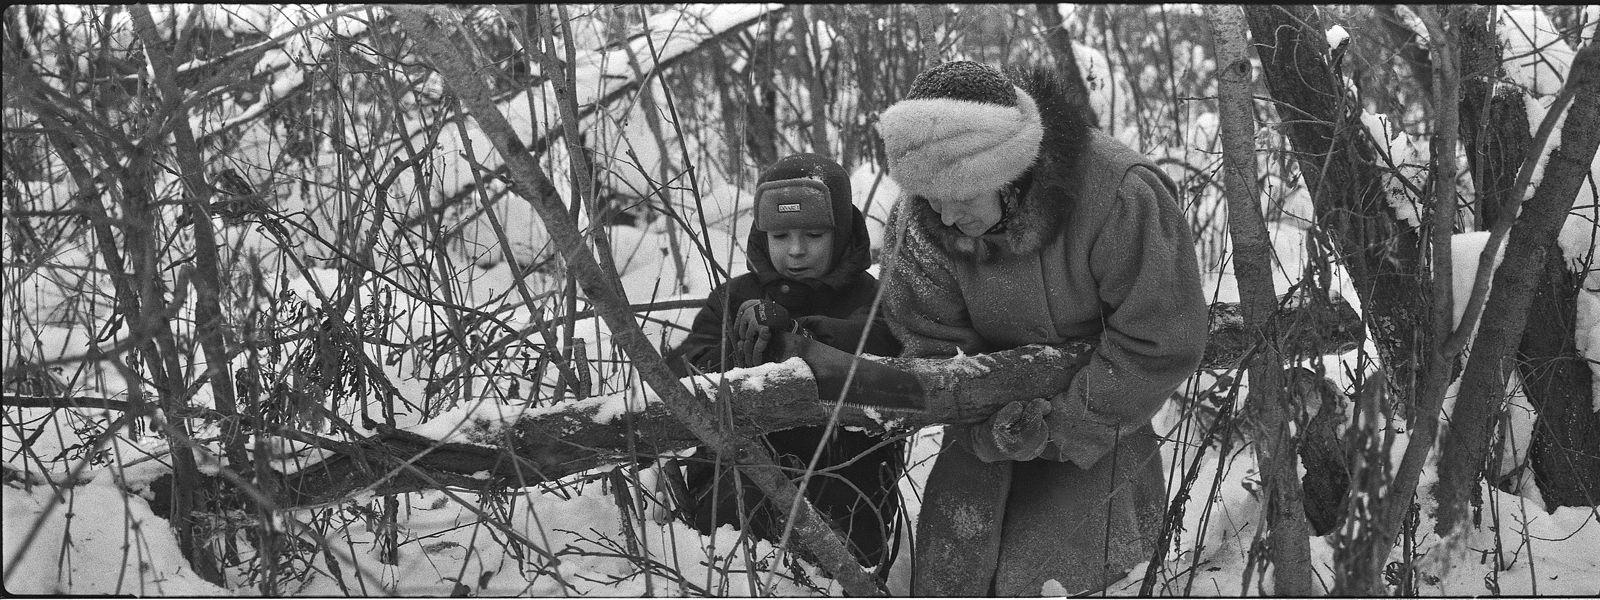 Николай Карташов. for firewood. for firewood